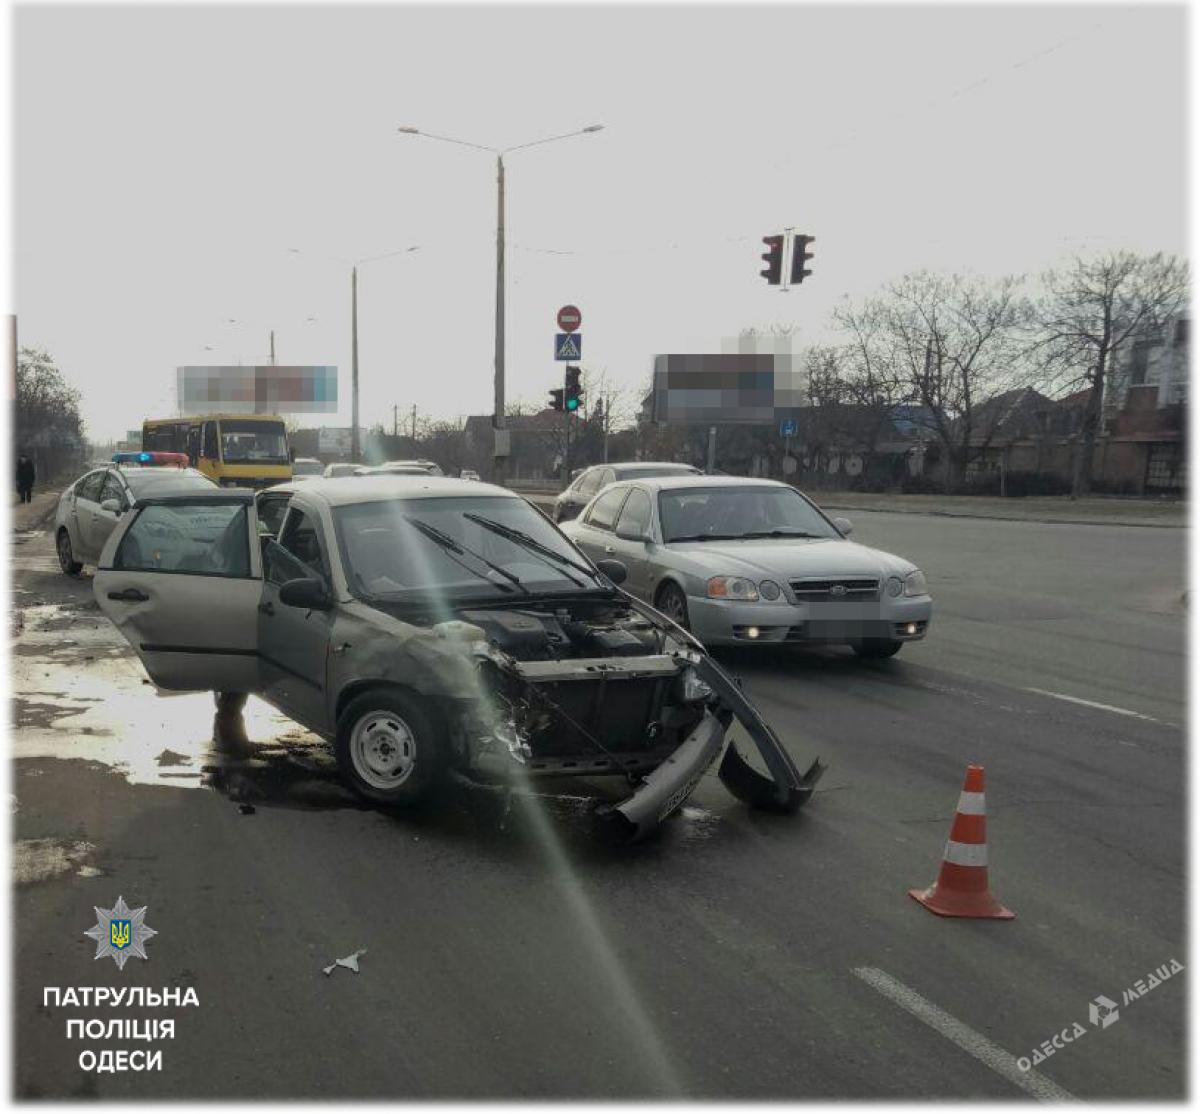 ВКрыжановке столкнулись два авто: пострадал 11-летний ребёнок